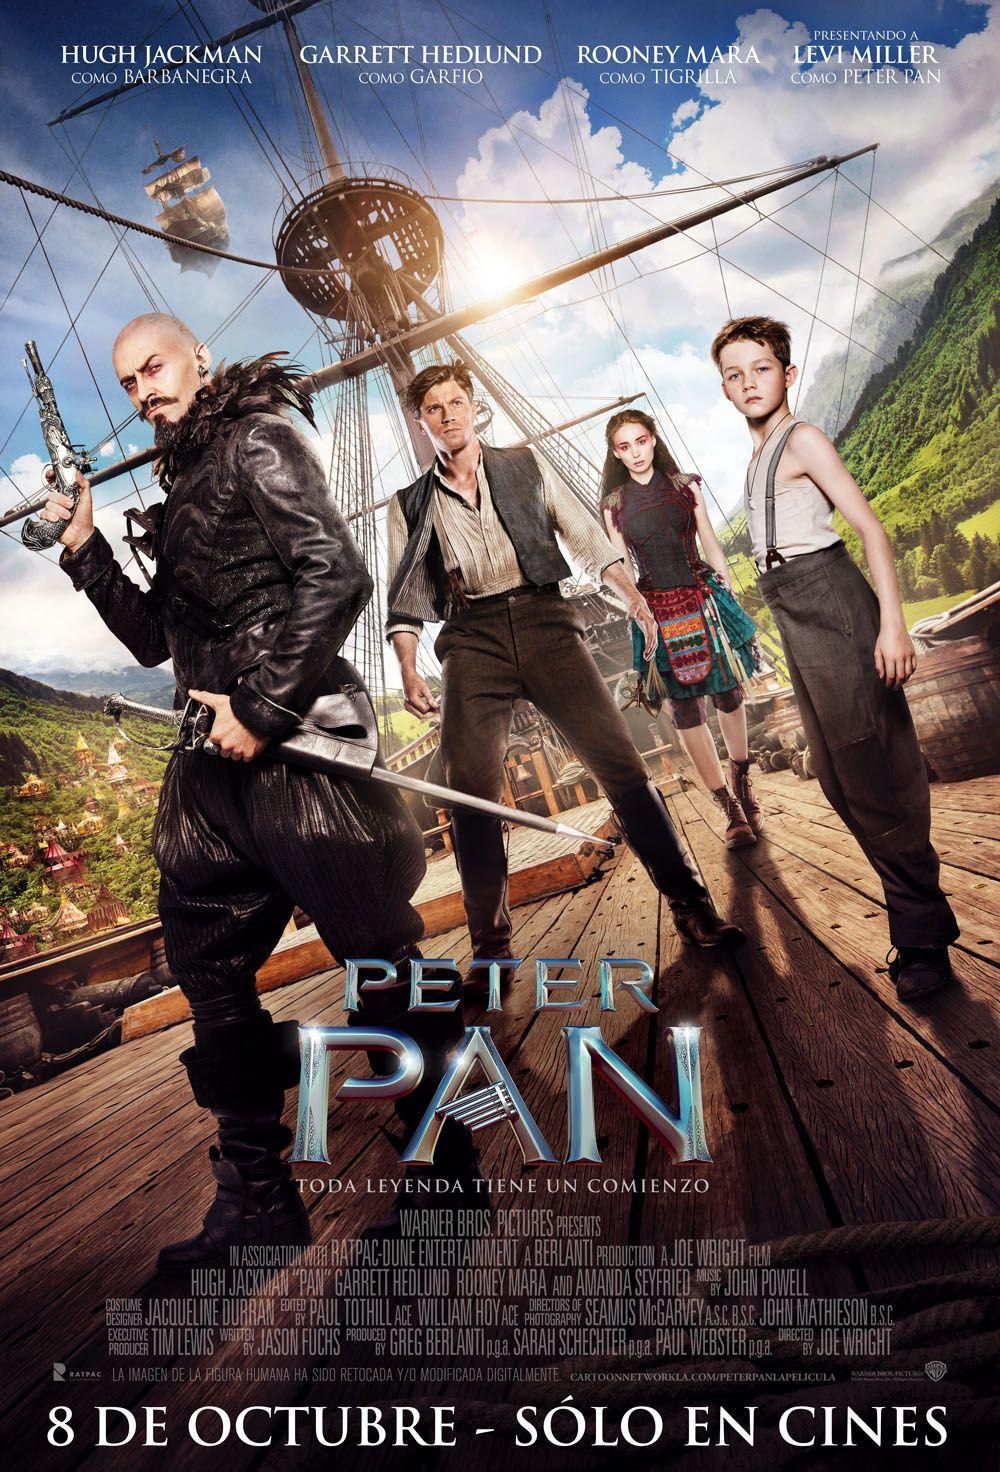 Peter Pan Manfer Films 8 De Octubre Carteleras De Cine Pelicula De Peter Pan Peliculas Cine